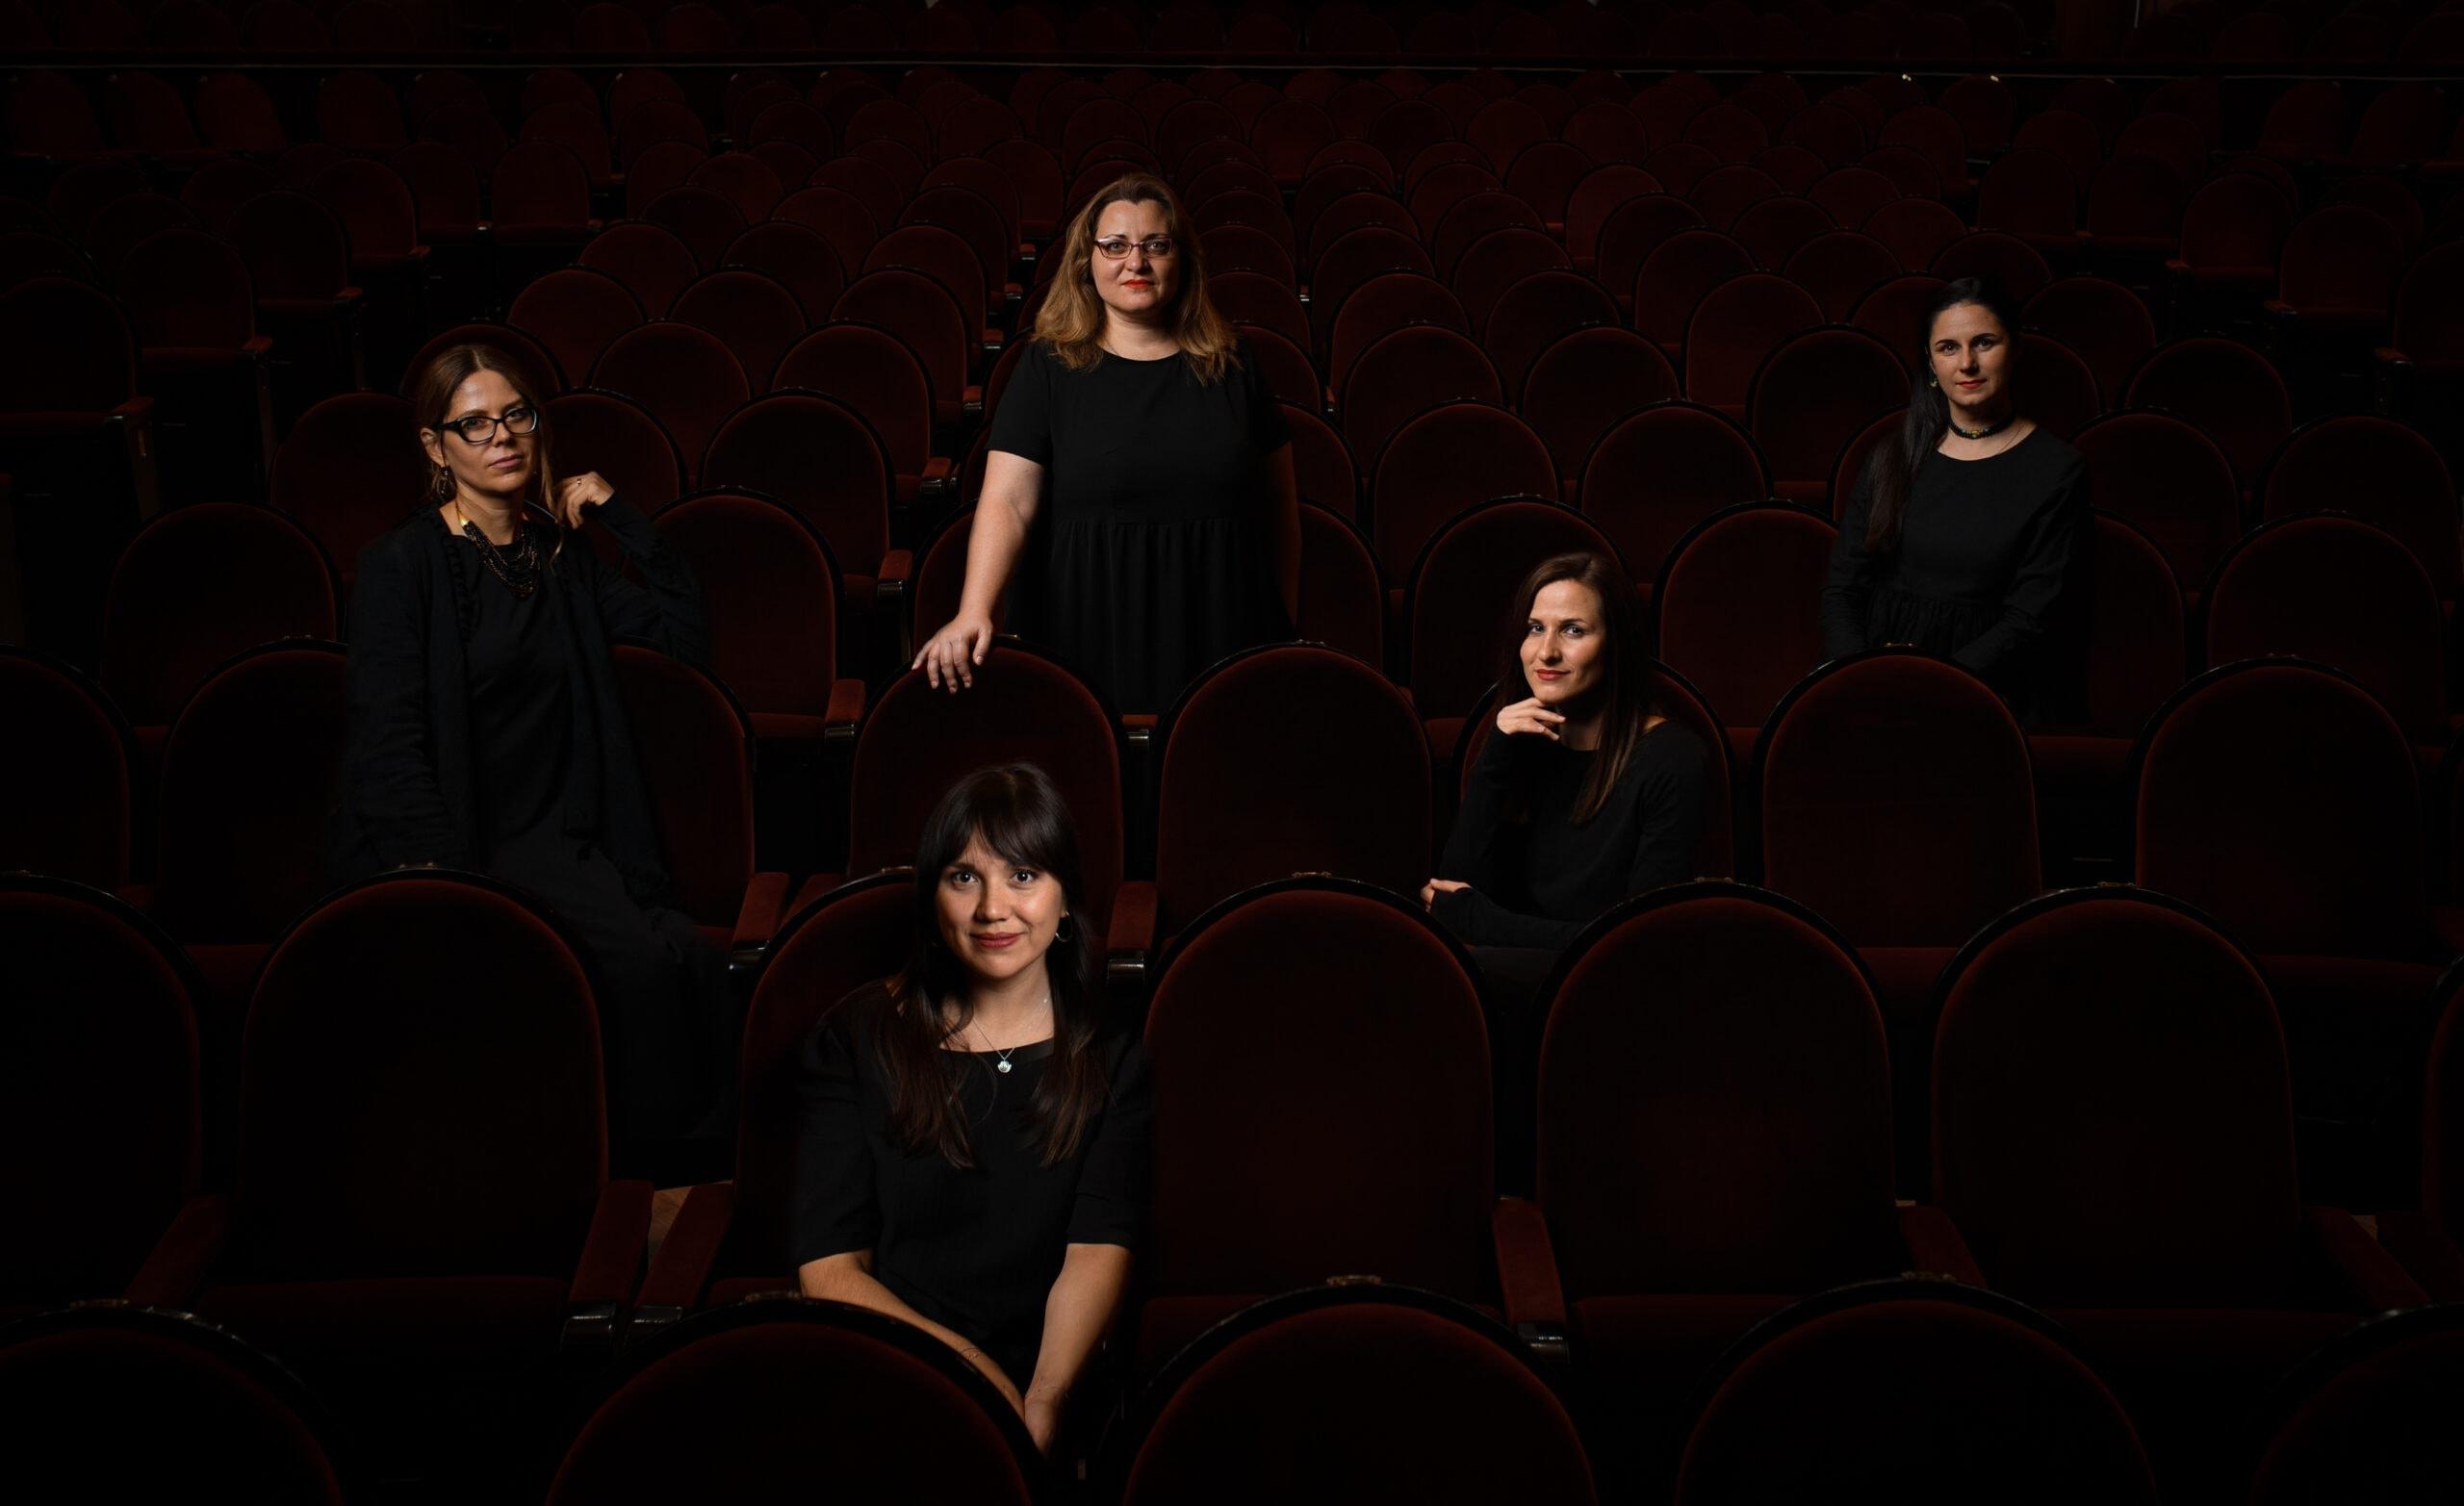 musicAeterna 4 впервые представит московской публике программу «Καιρός Αγάπης». Фото - Андрей Чунтомов